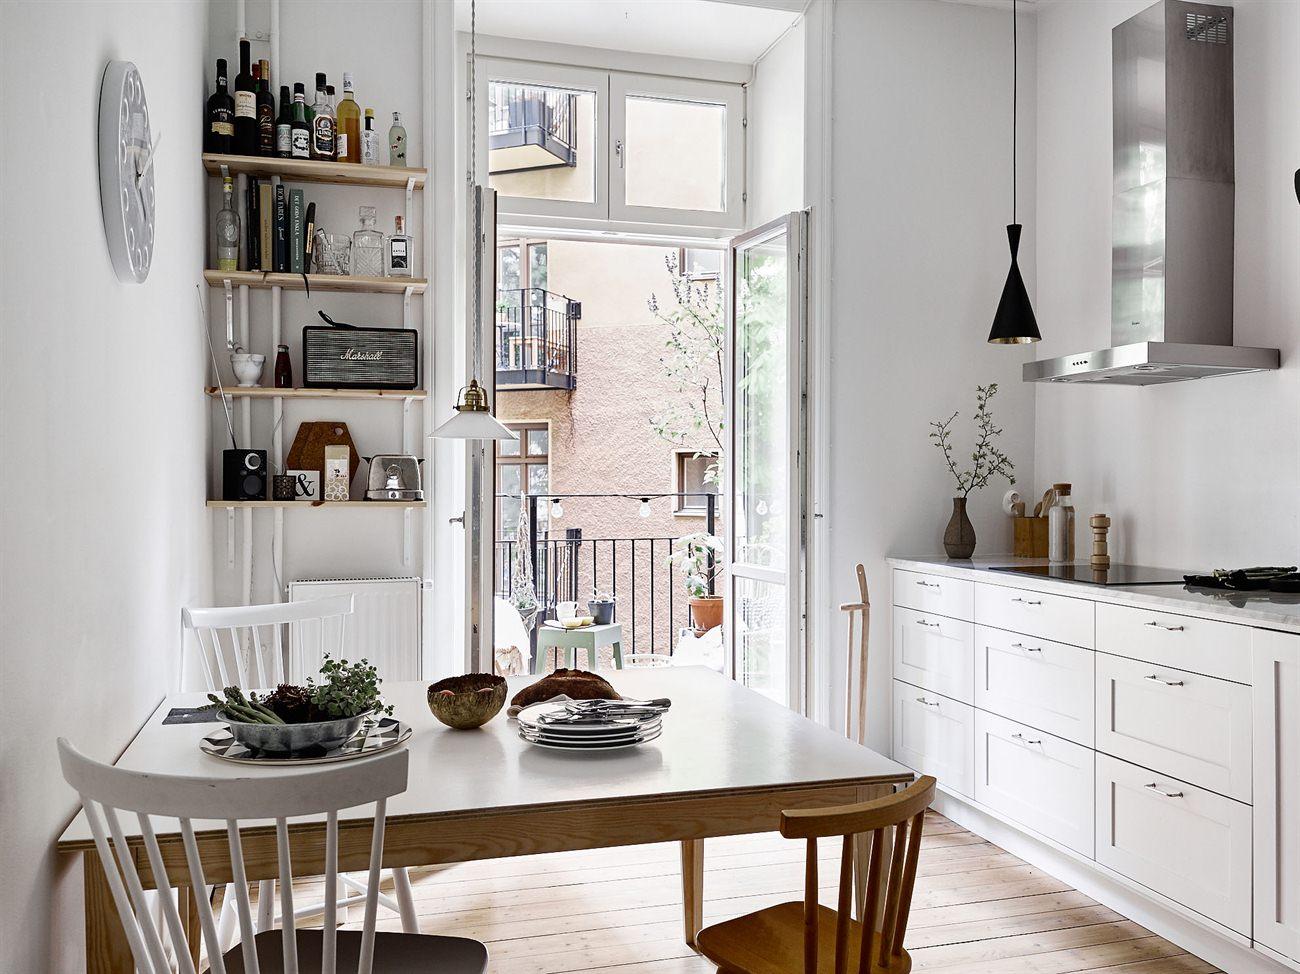 L mparas colgantes sobre la encimera blog tienda - Cocinas nordicas ...